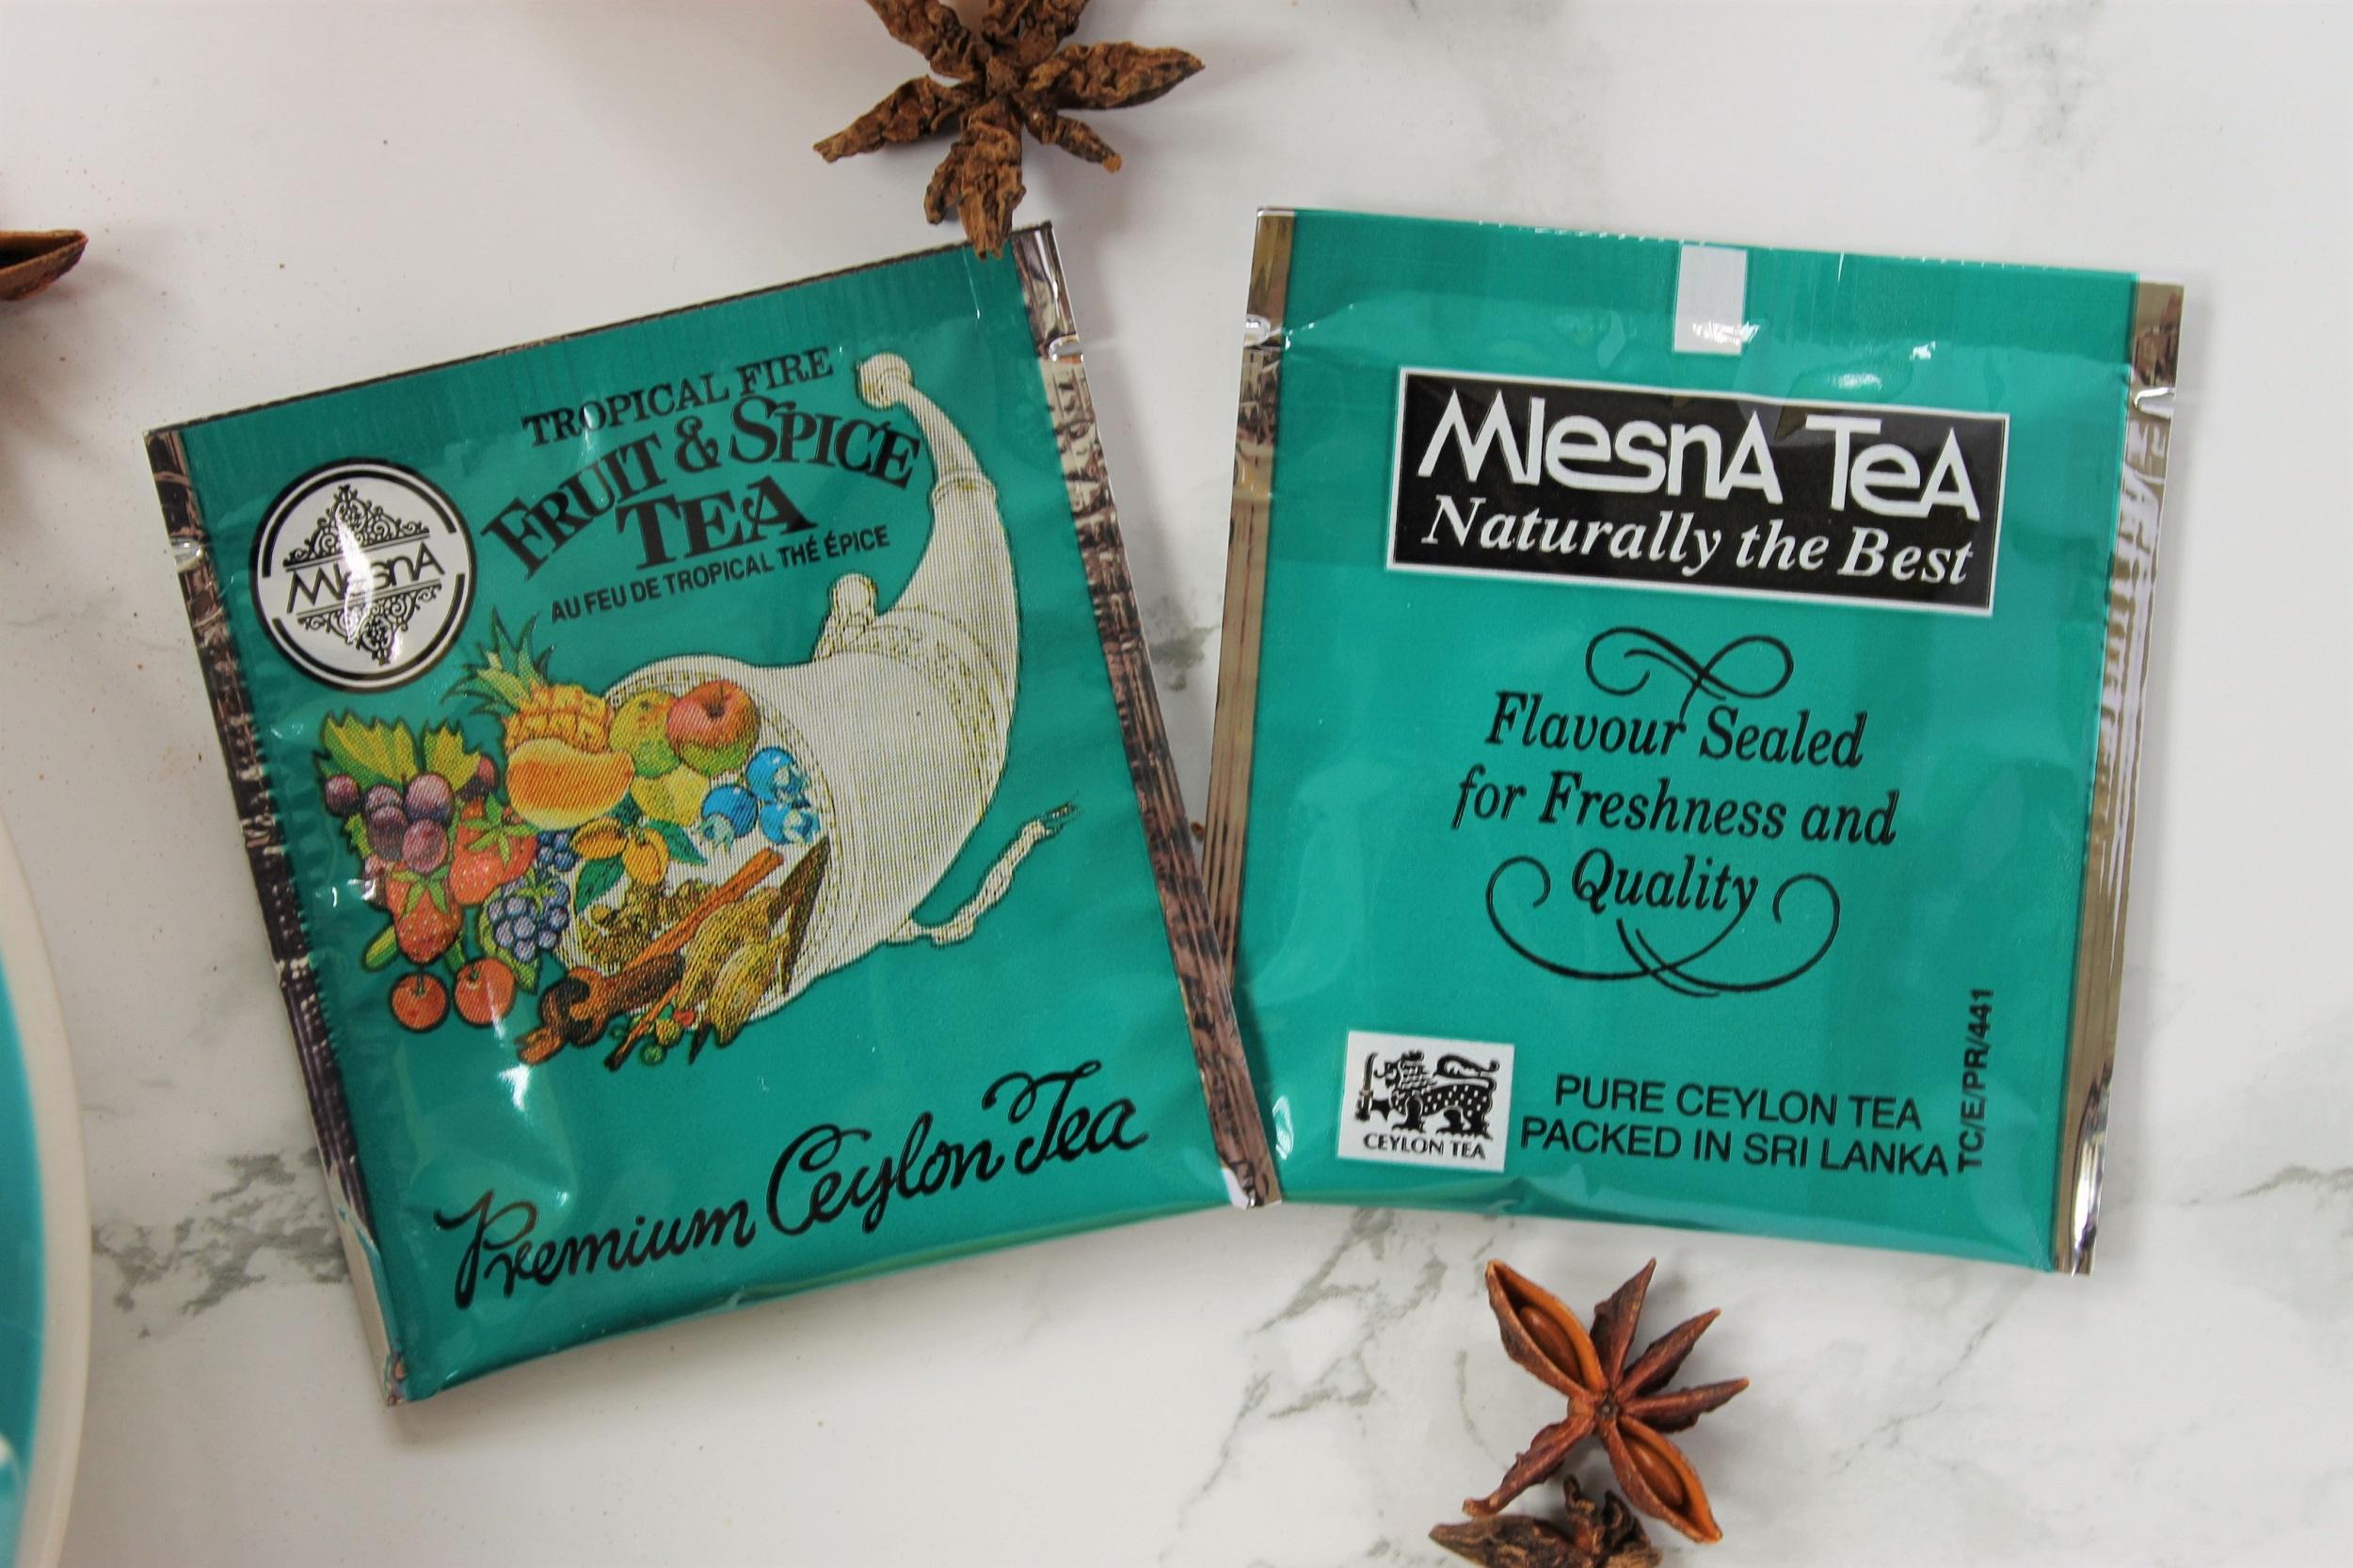 mlesna turquoise tea bags